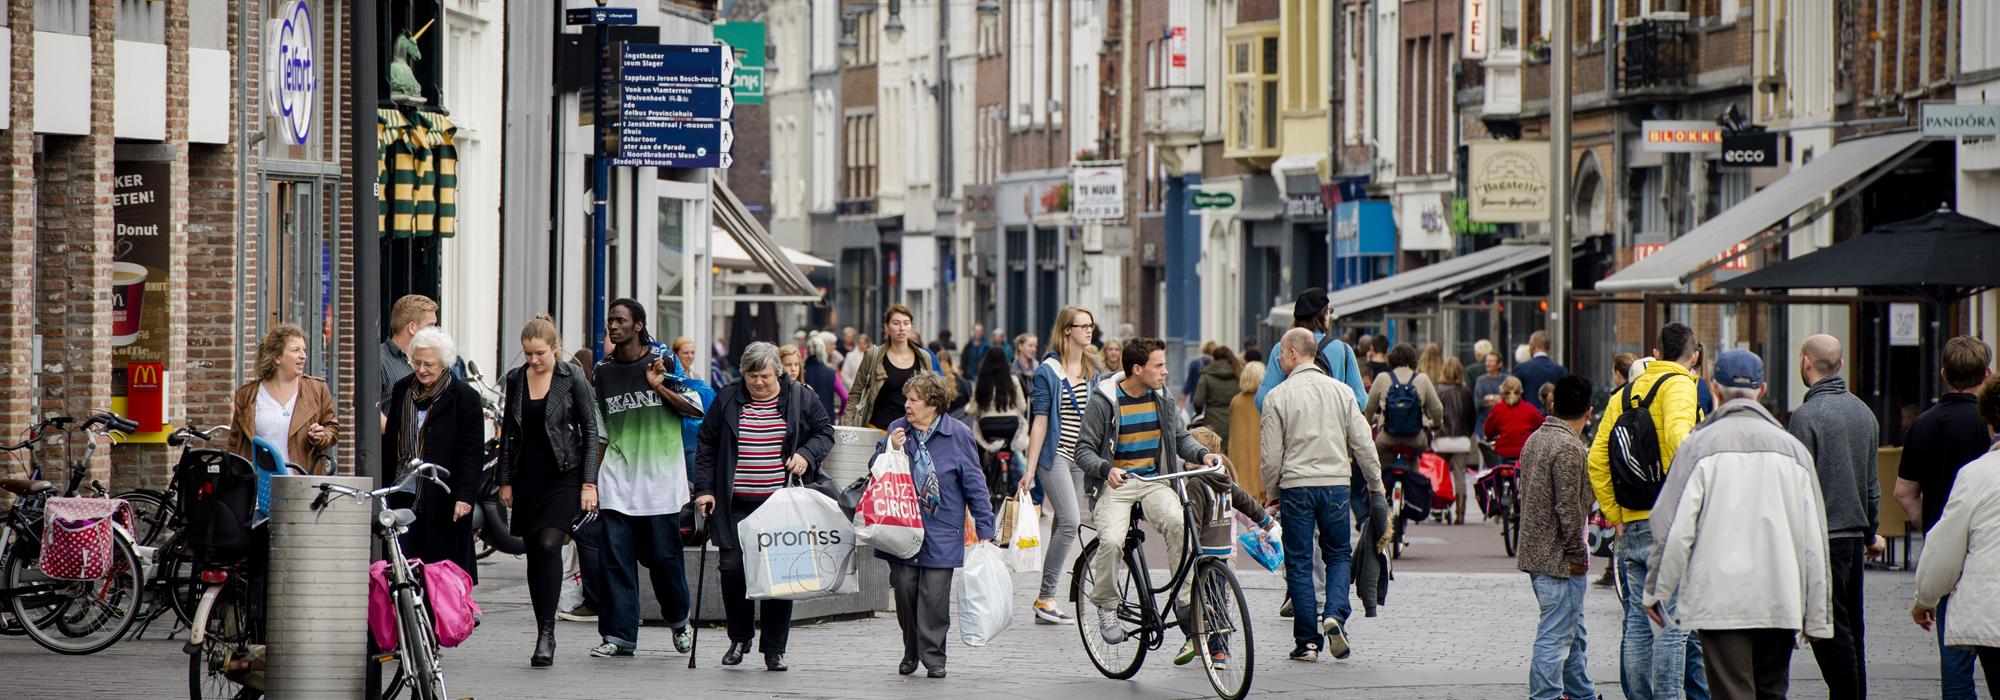 Centrum-Den-Bosch-winkelstraat2